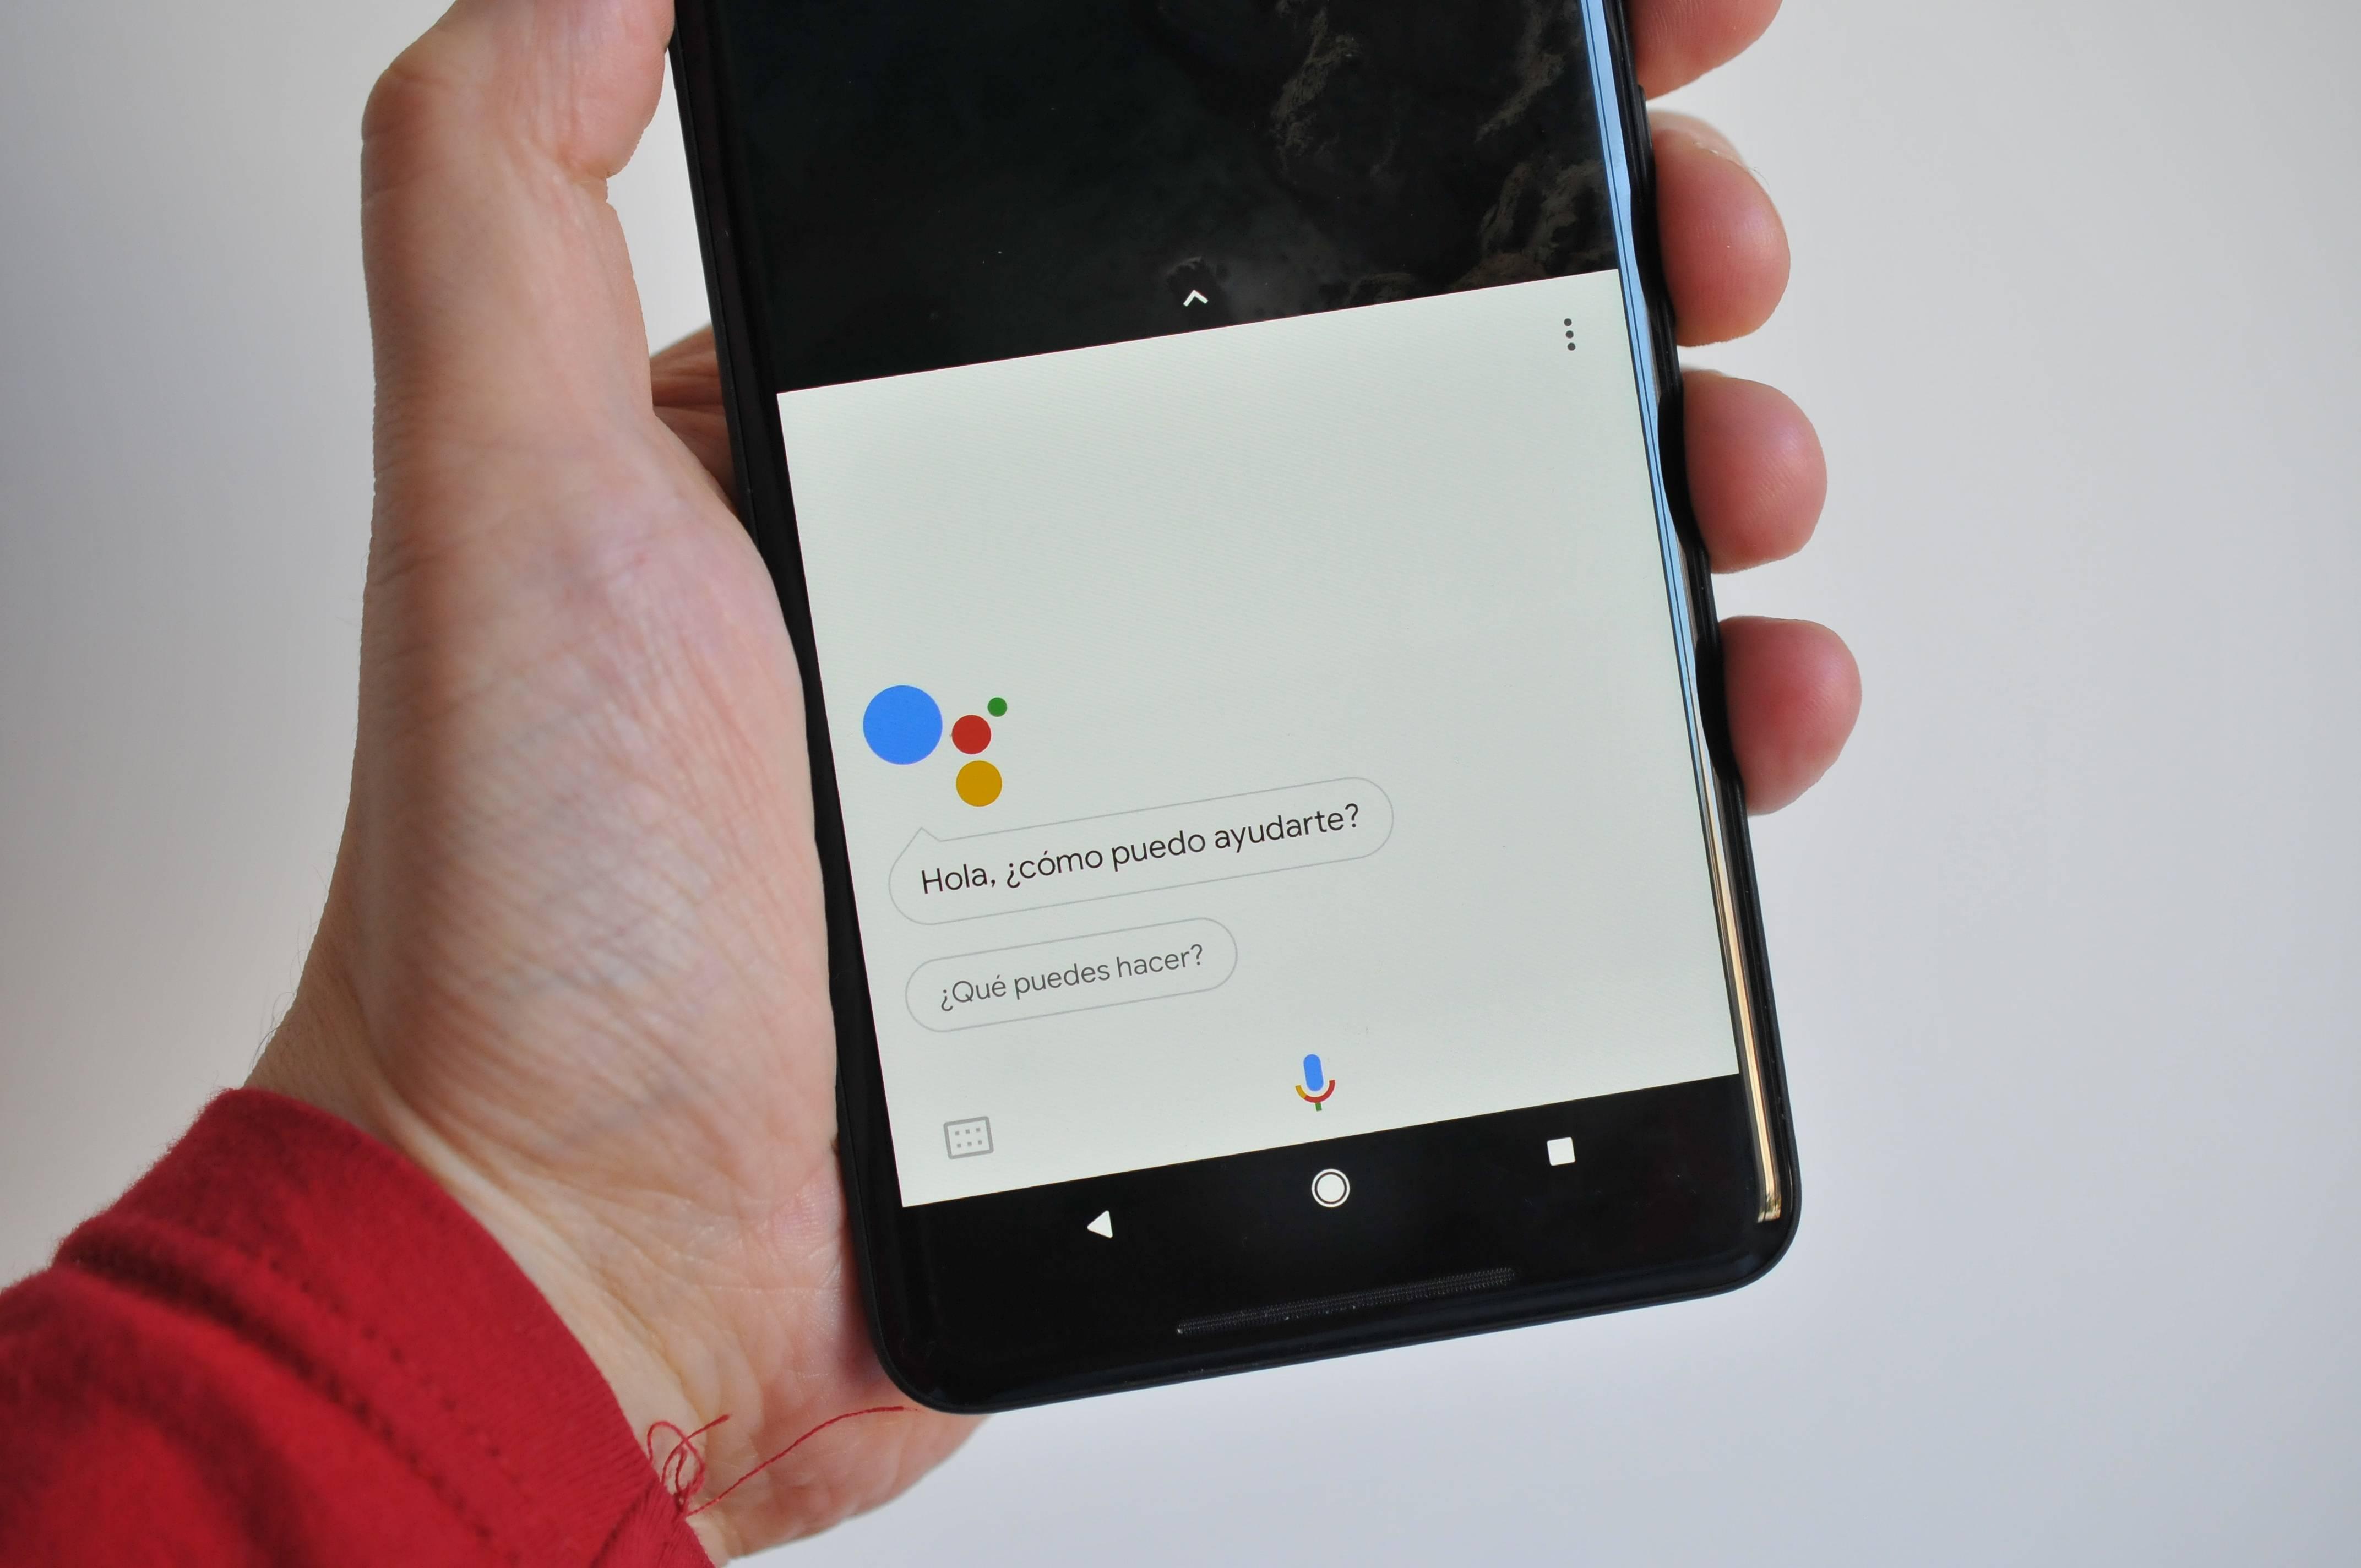 Google admite que escucha la voz de los usuarios a través del asistente de voz